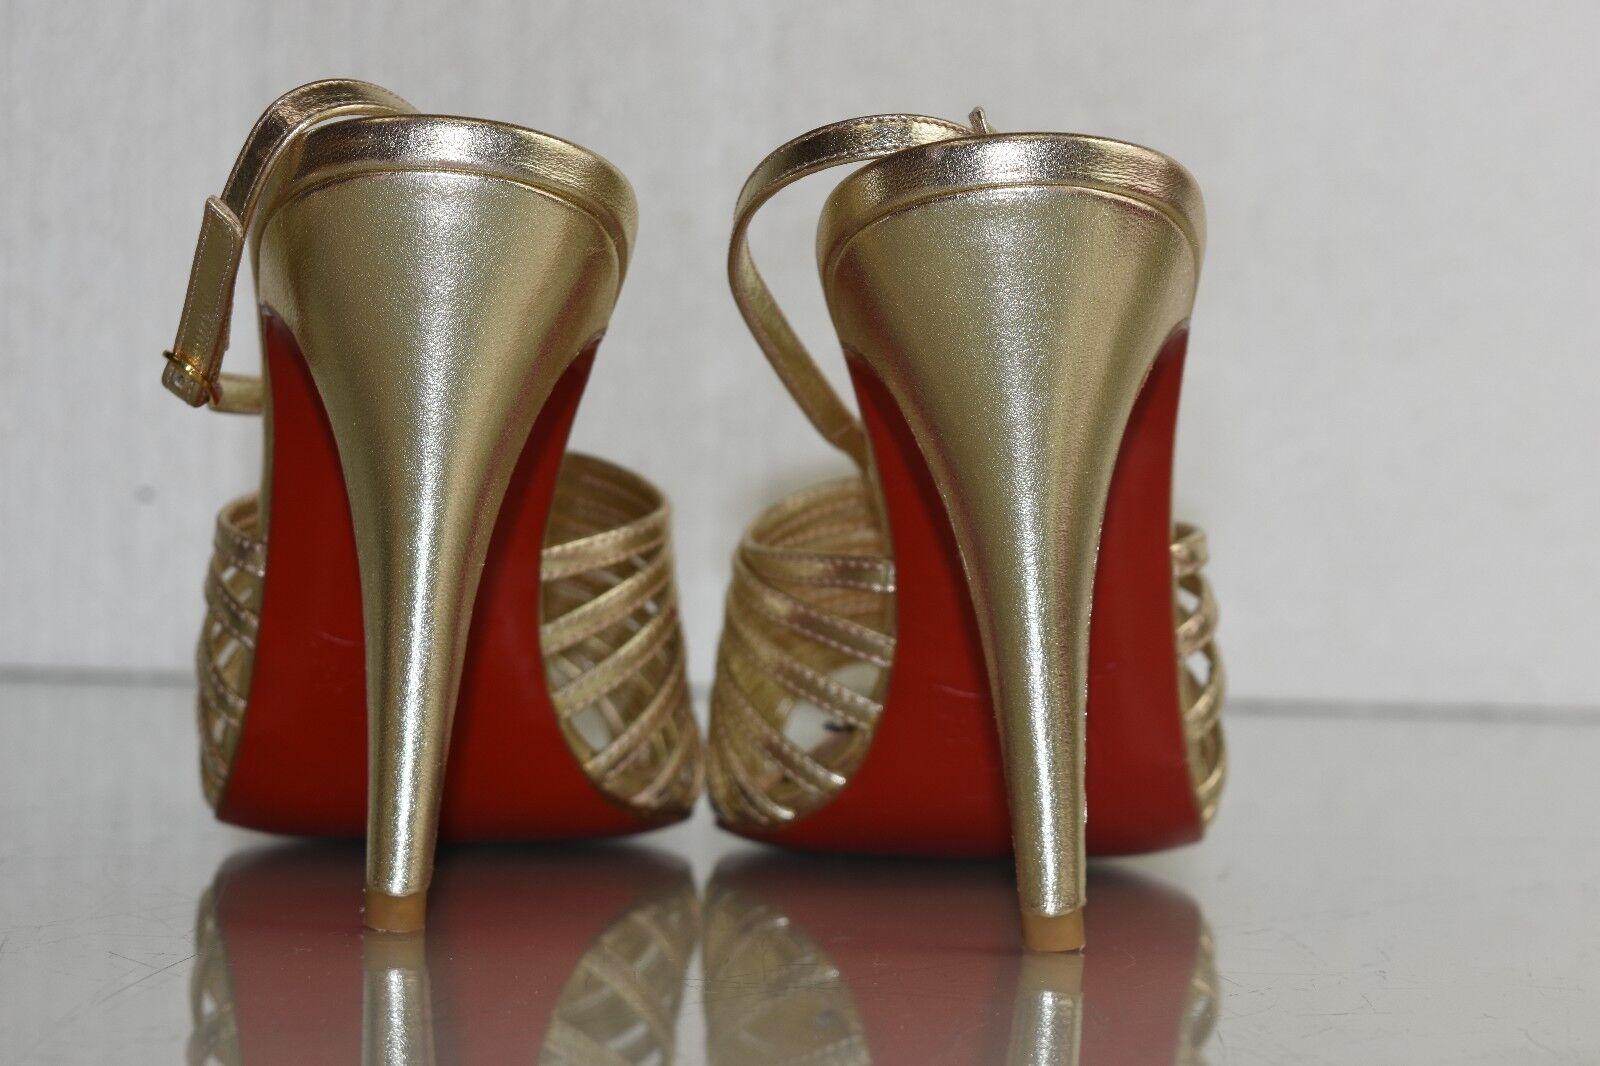 Neu Christian Louboutin Bretelle 100 Riemchensandalen Gold 38 Platin Schuhe 38 Gold 39 bd8290